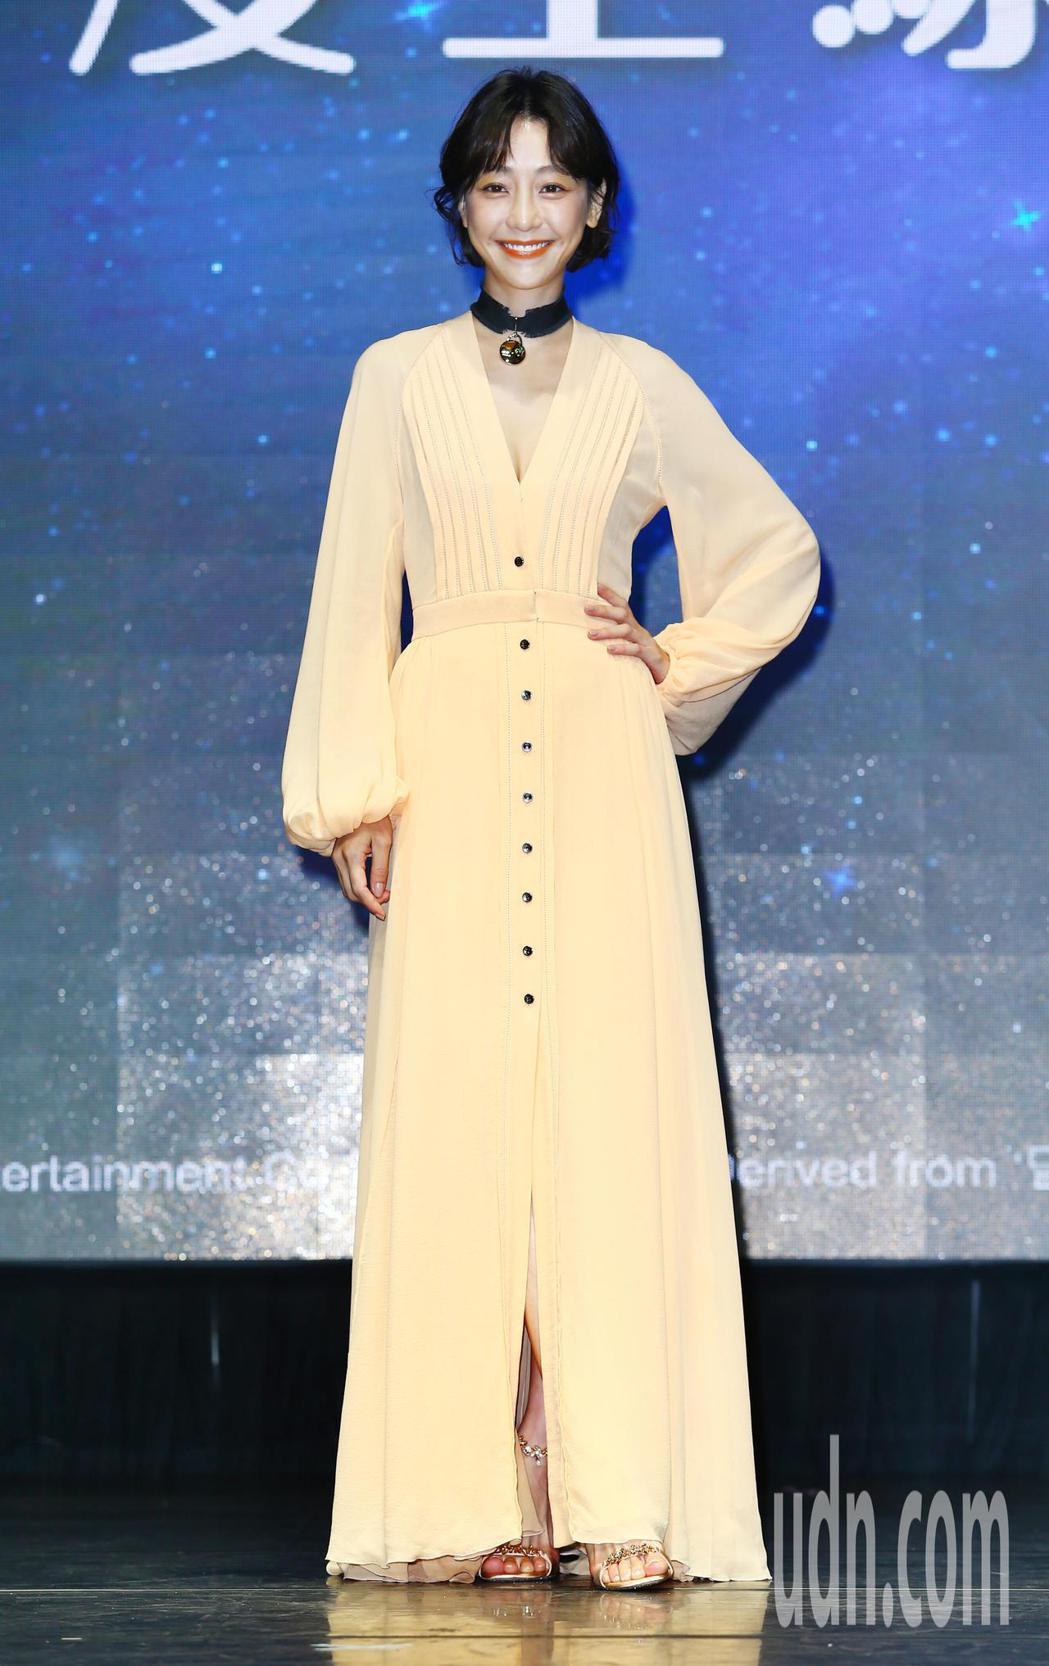 從模特兒出道的謝欣穎擔任手遊代言人為活動宣傳。記者杜建重/攝影